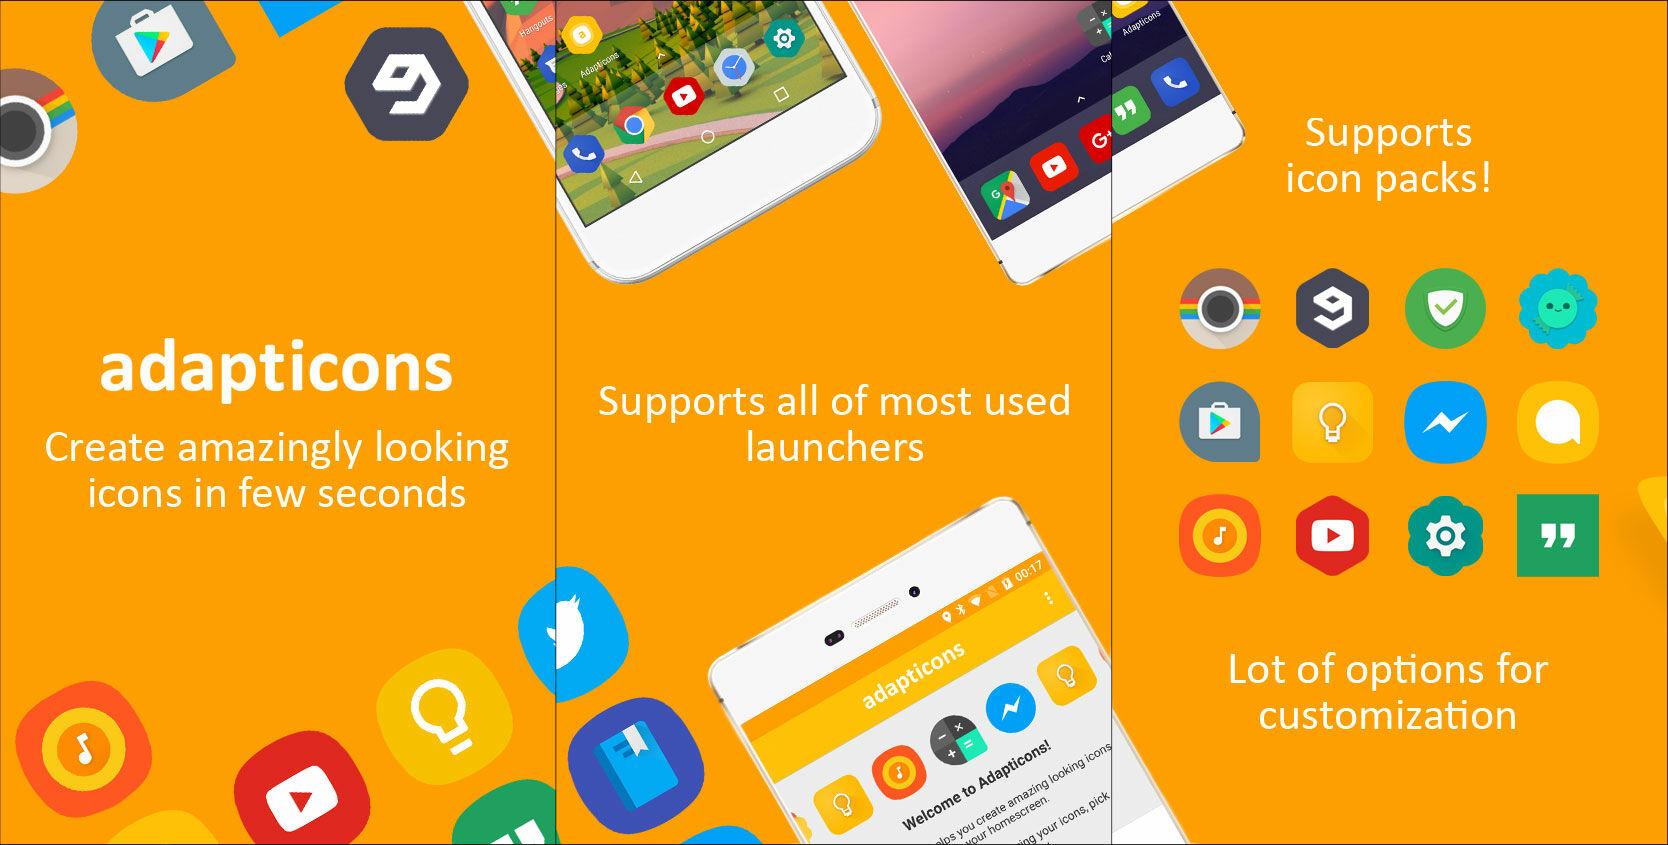 aplikasi-android-paling-adapticons